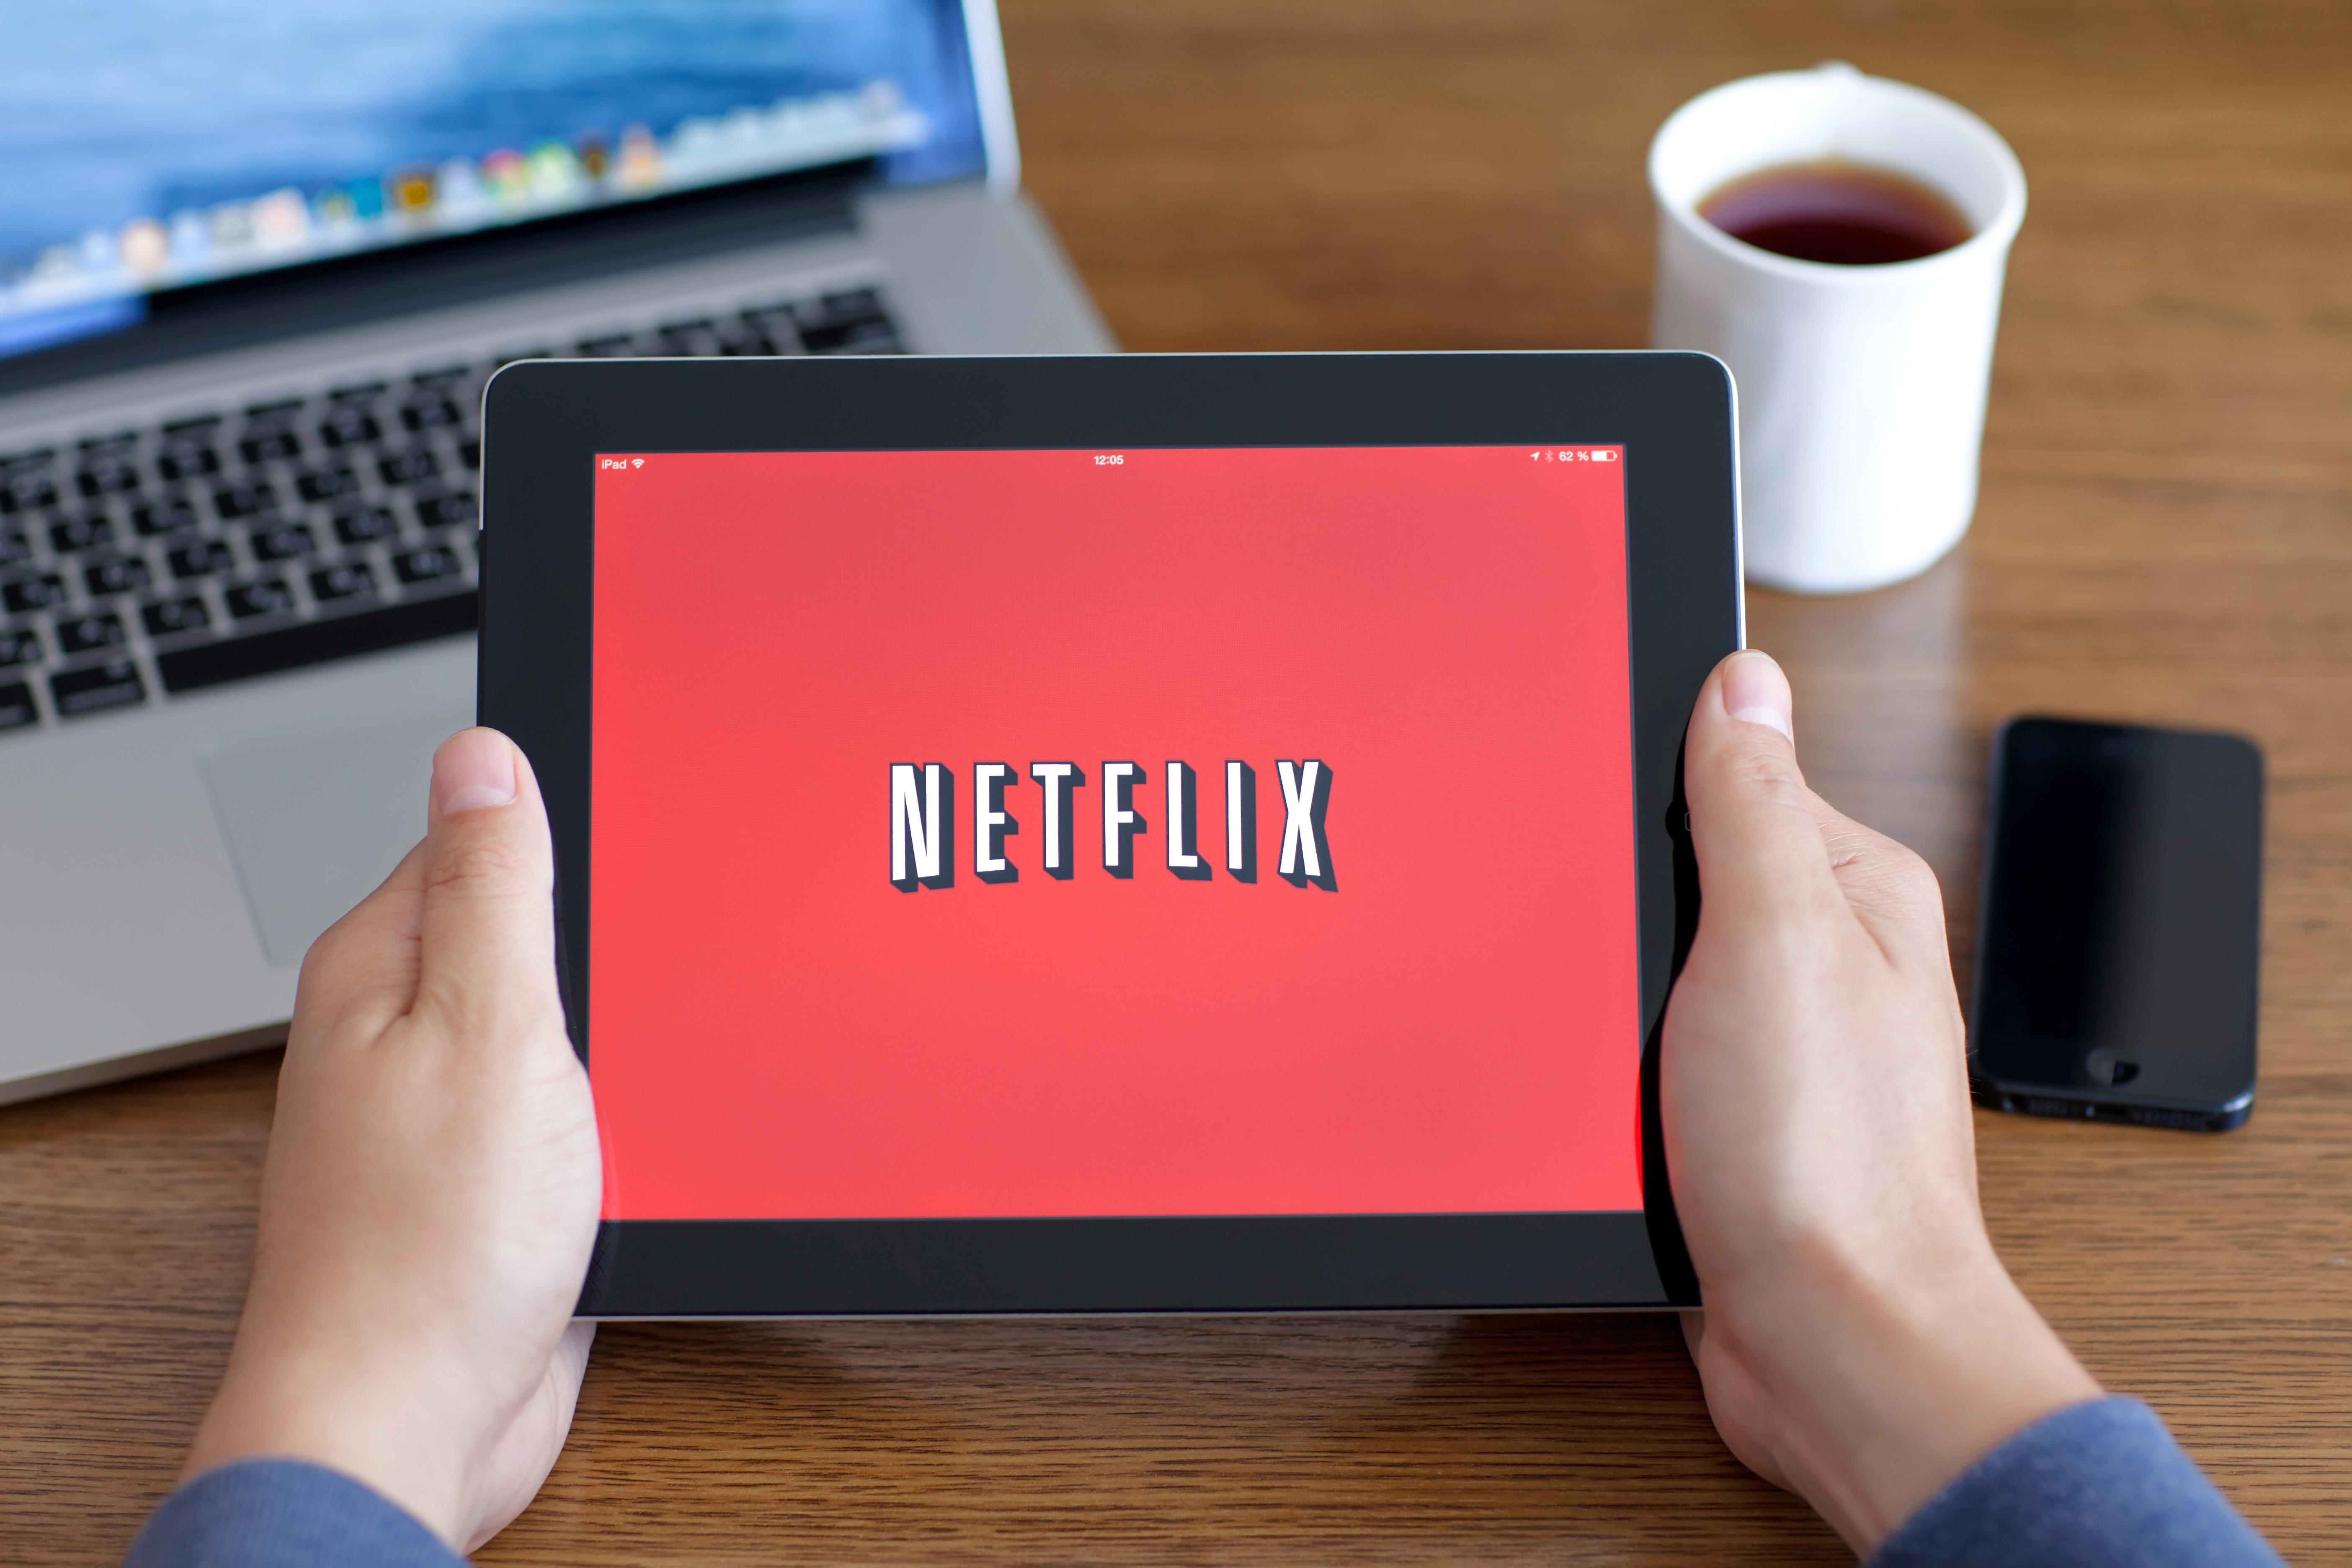 Netflix quer originais internacionais a superar as de Hollywood no futuro